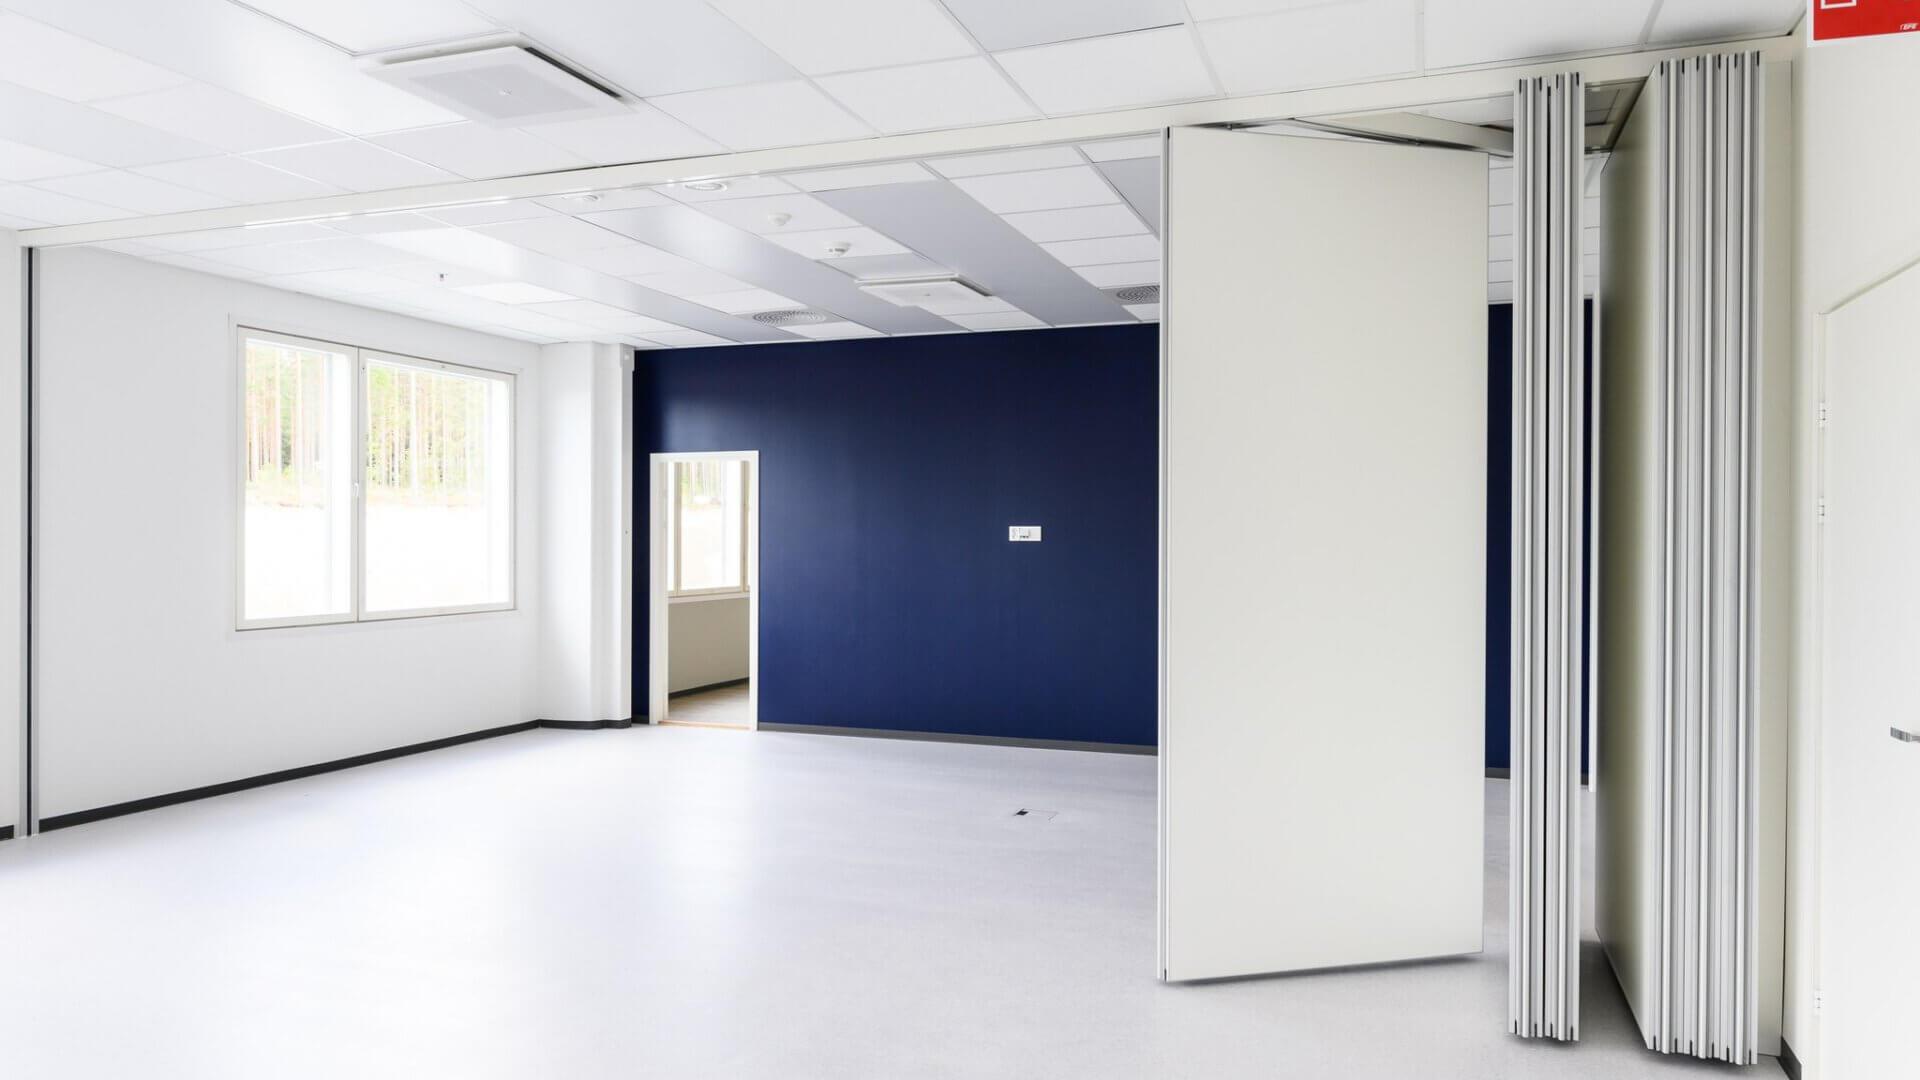 Tammer Brands valitsi Meijoun toteuttamaan logistiikkakeskuksen laajennuksen 9